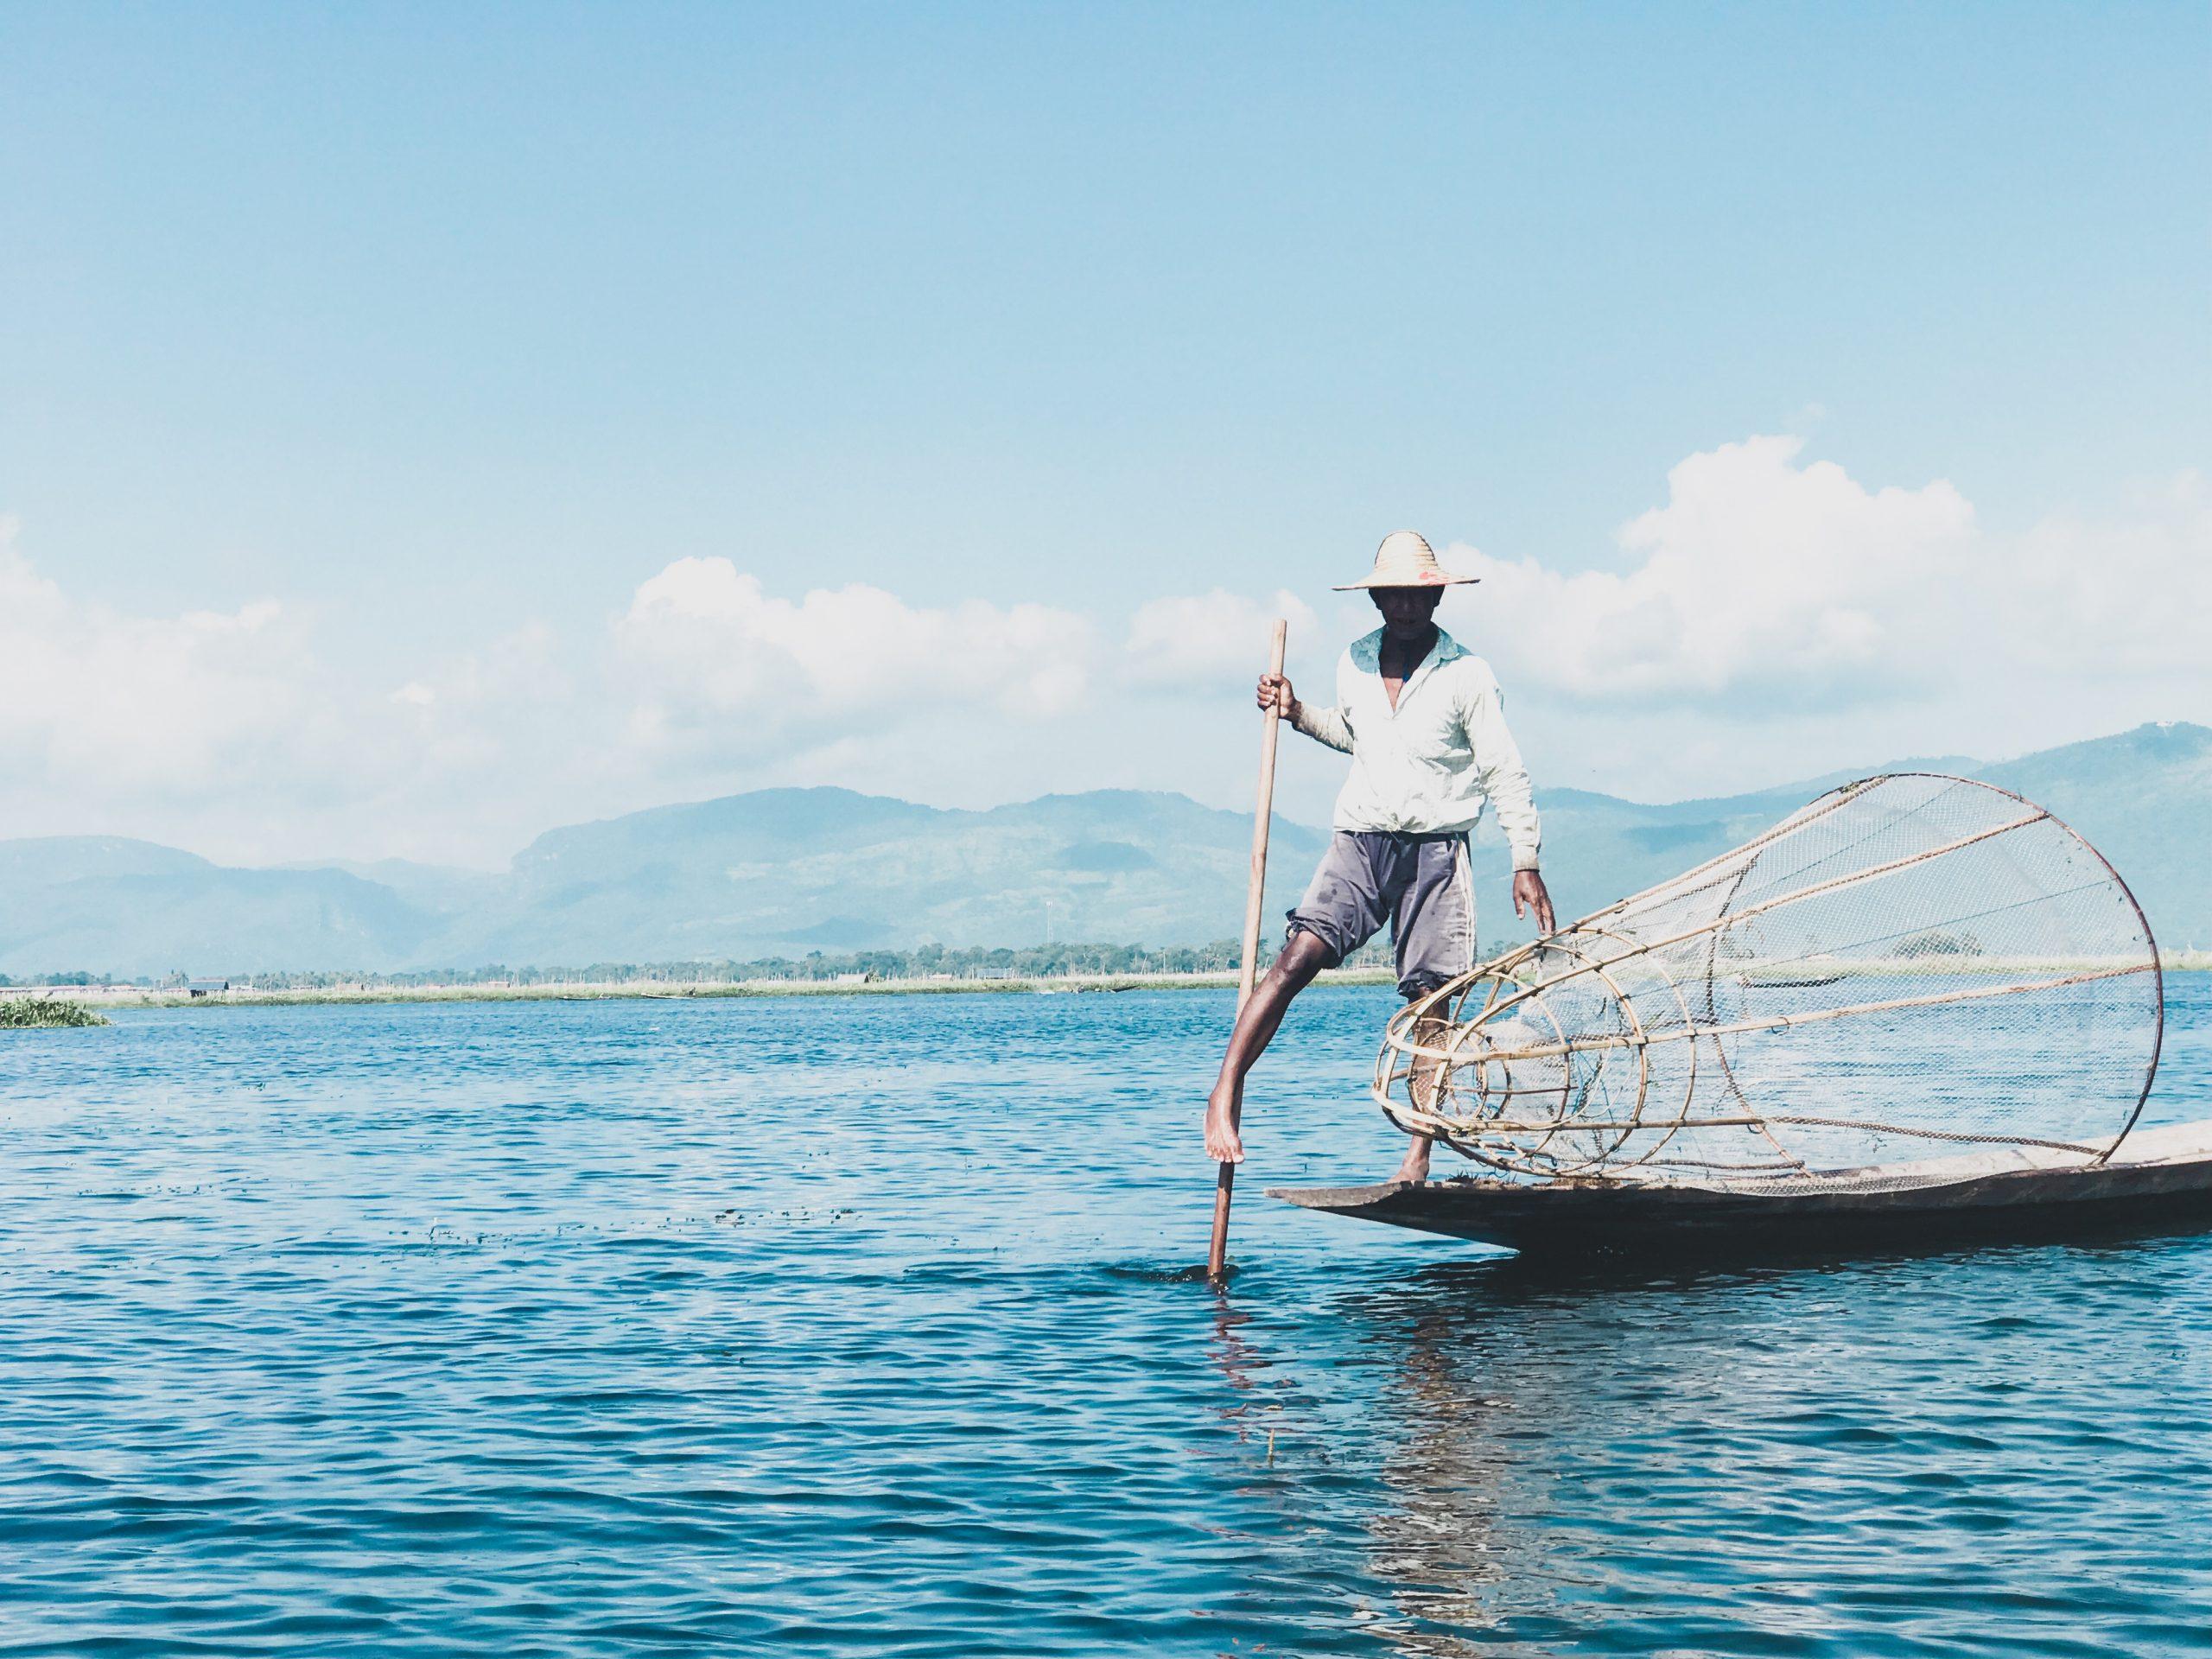 Mianmaris vietinis žvejas